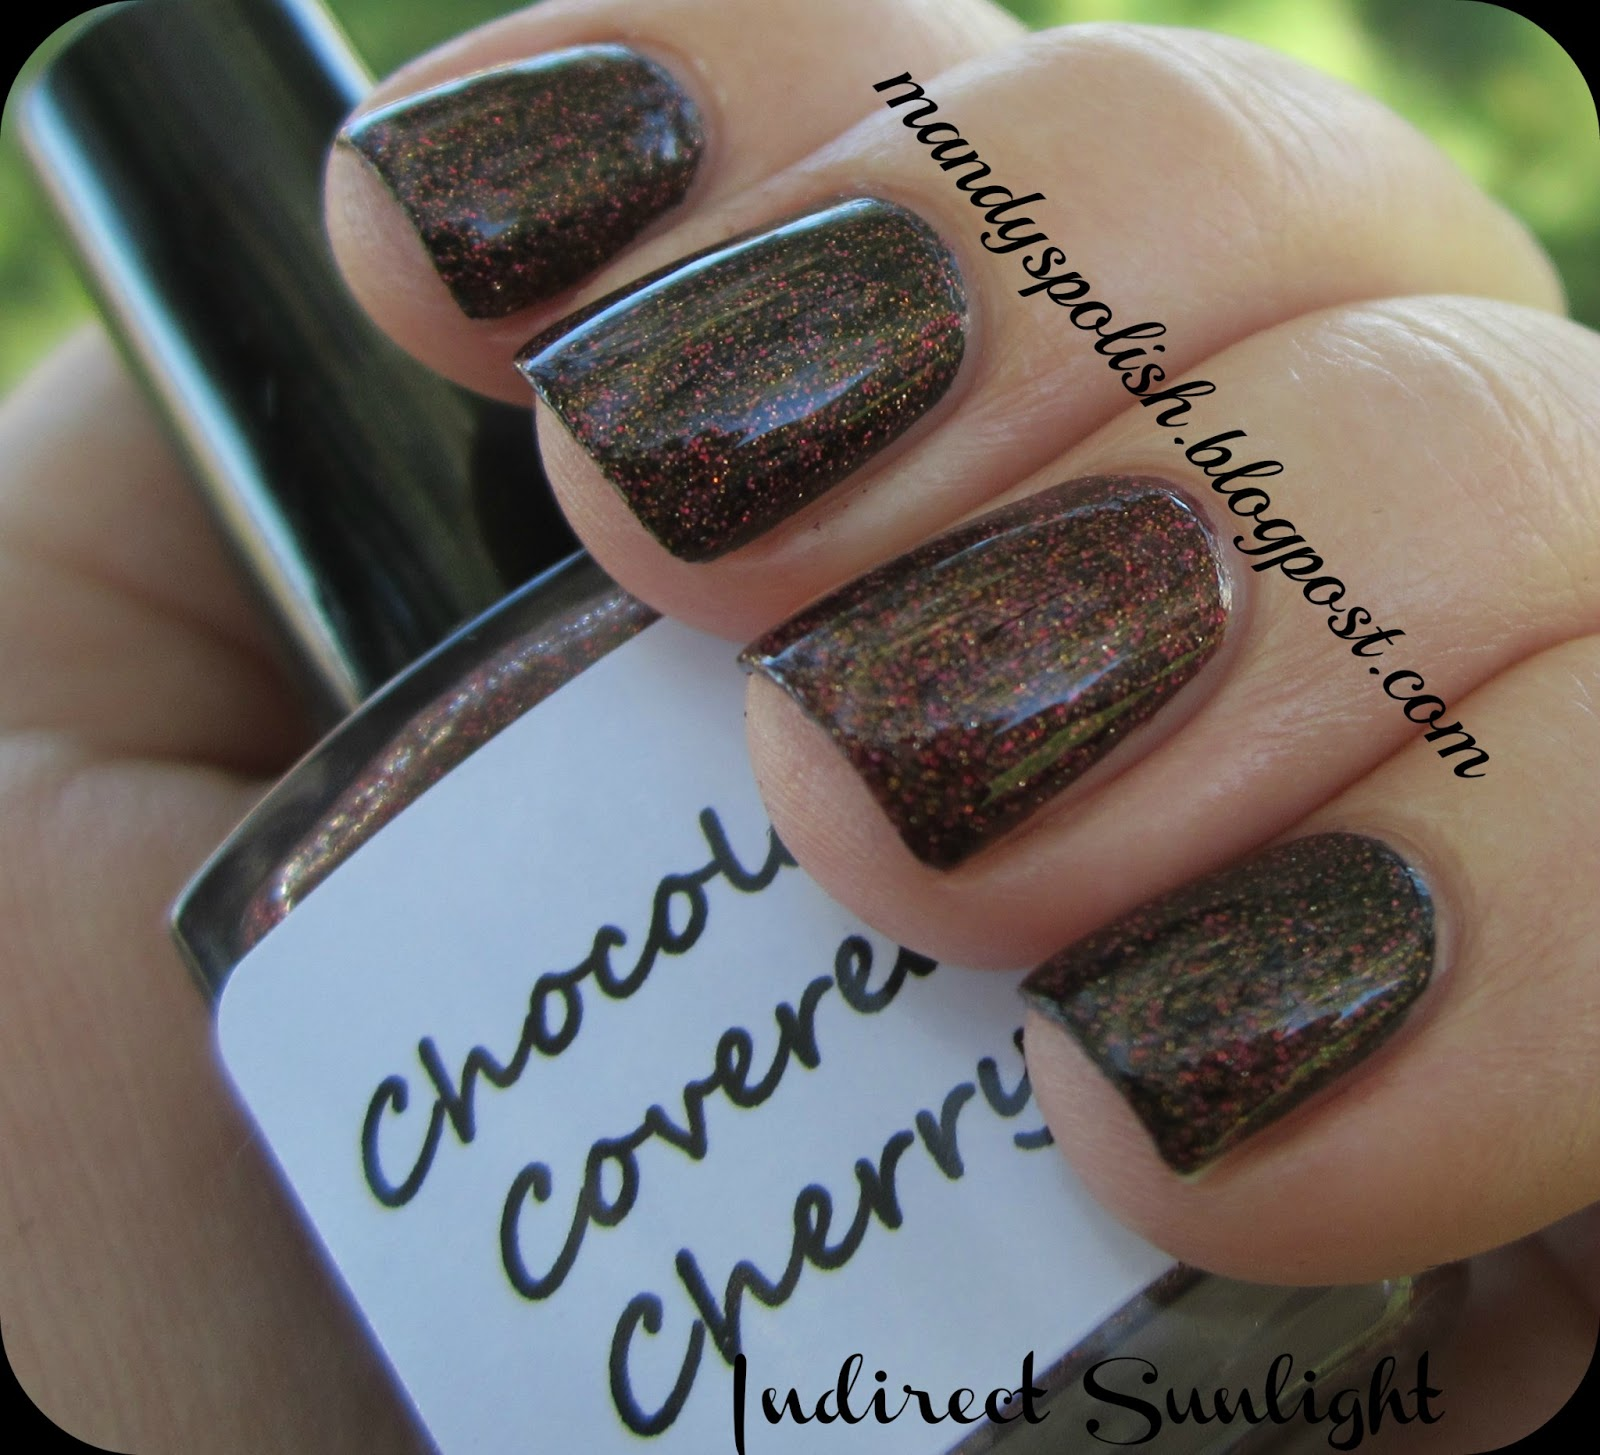 BadAss Polish Chocolate Covered Cherry